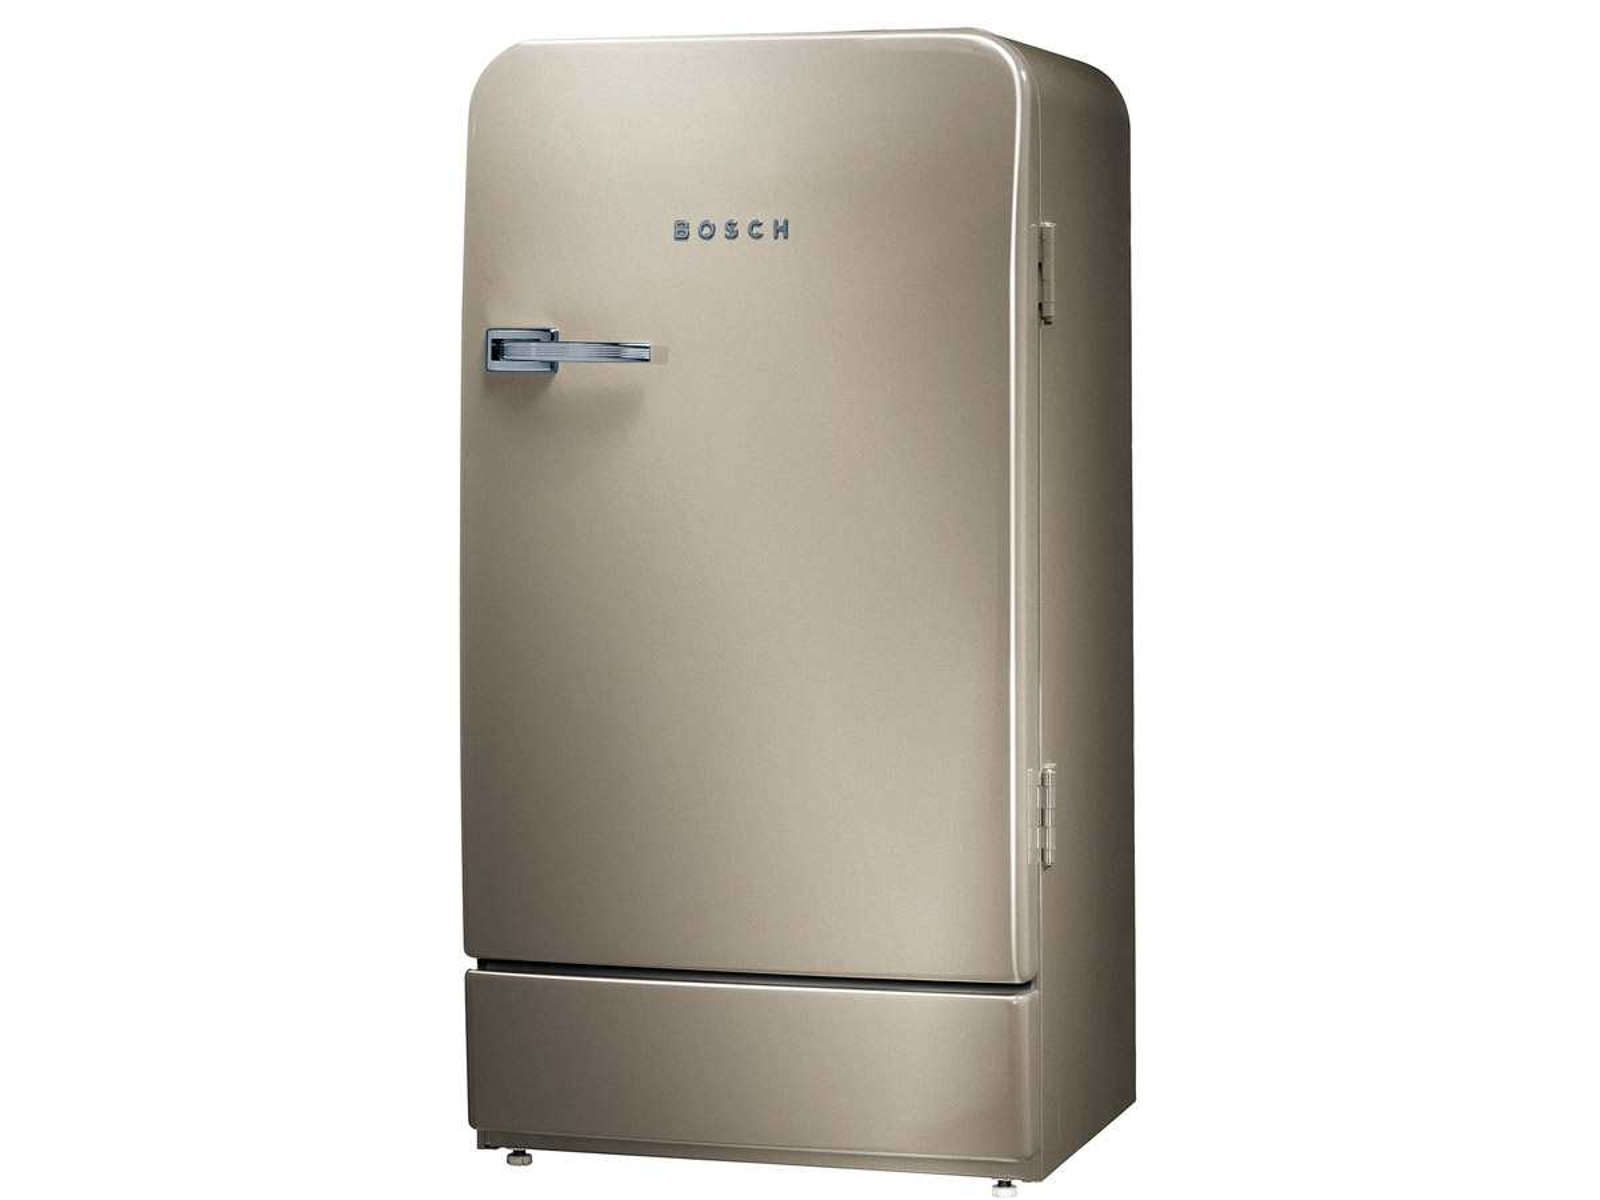 Retro Kühlschrank Mit Gefrierfach : Retro kühlschrank mit gefrierfach smeg kühlschrank creme